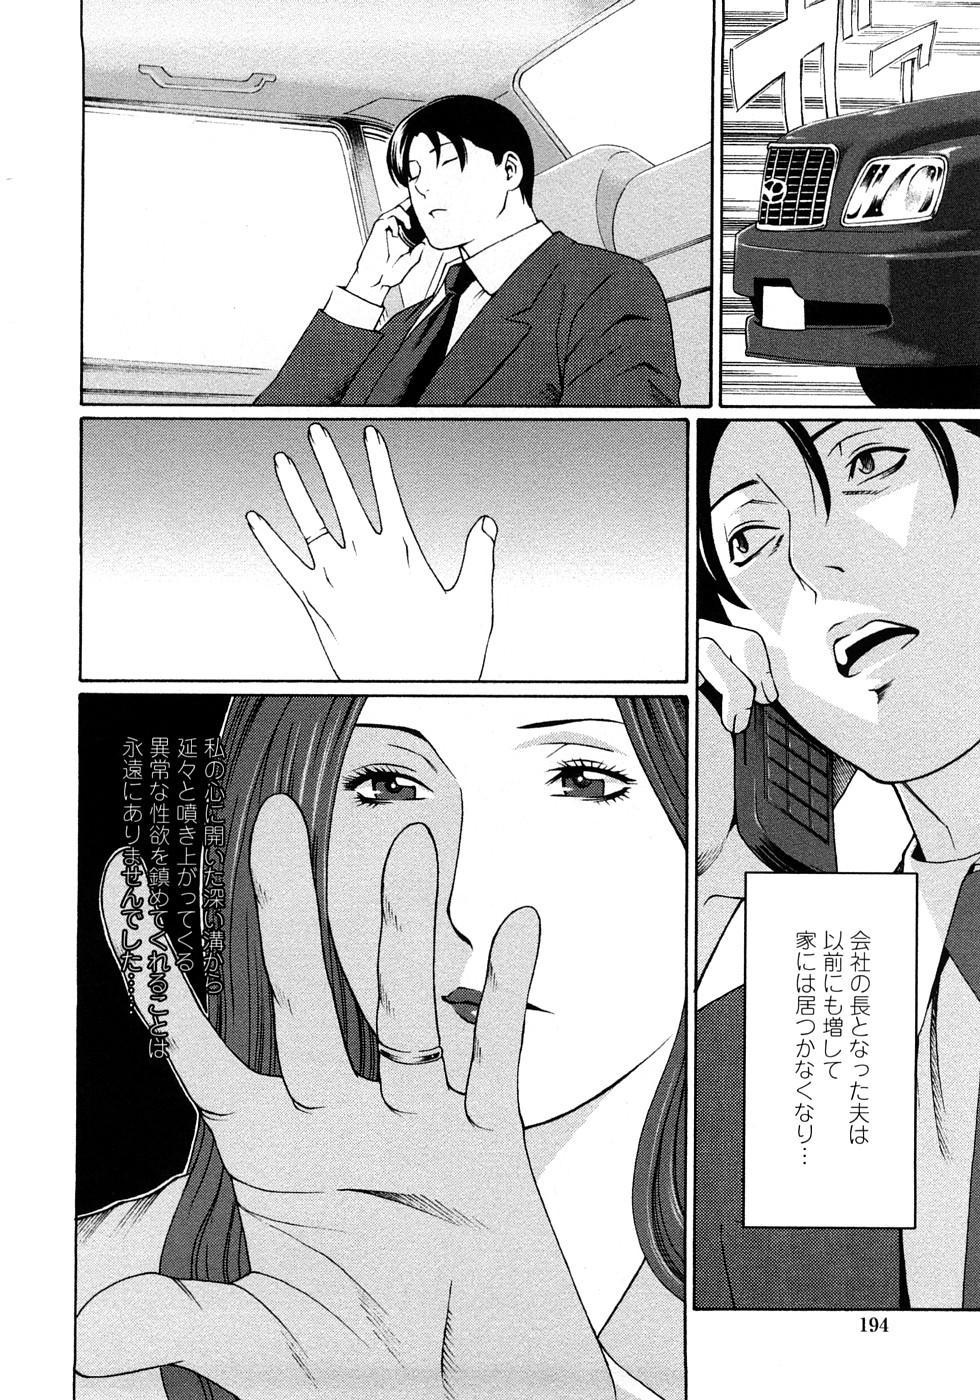 Etsuraku no Tobira - The Door of Sexual Pleasure 192